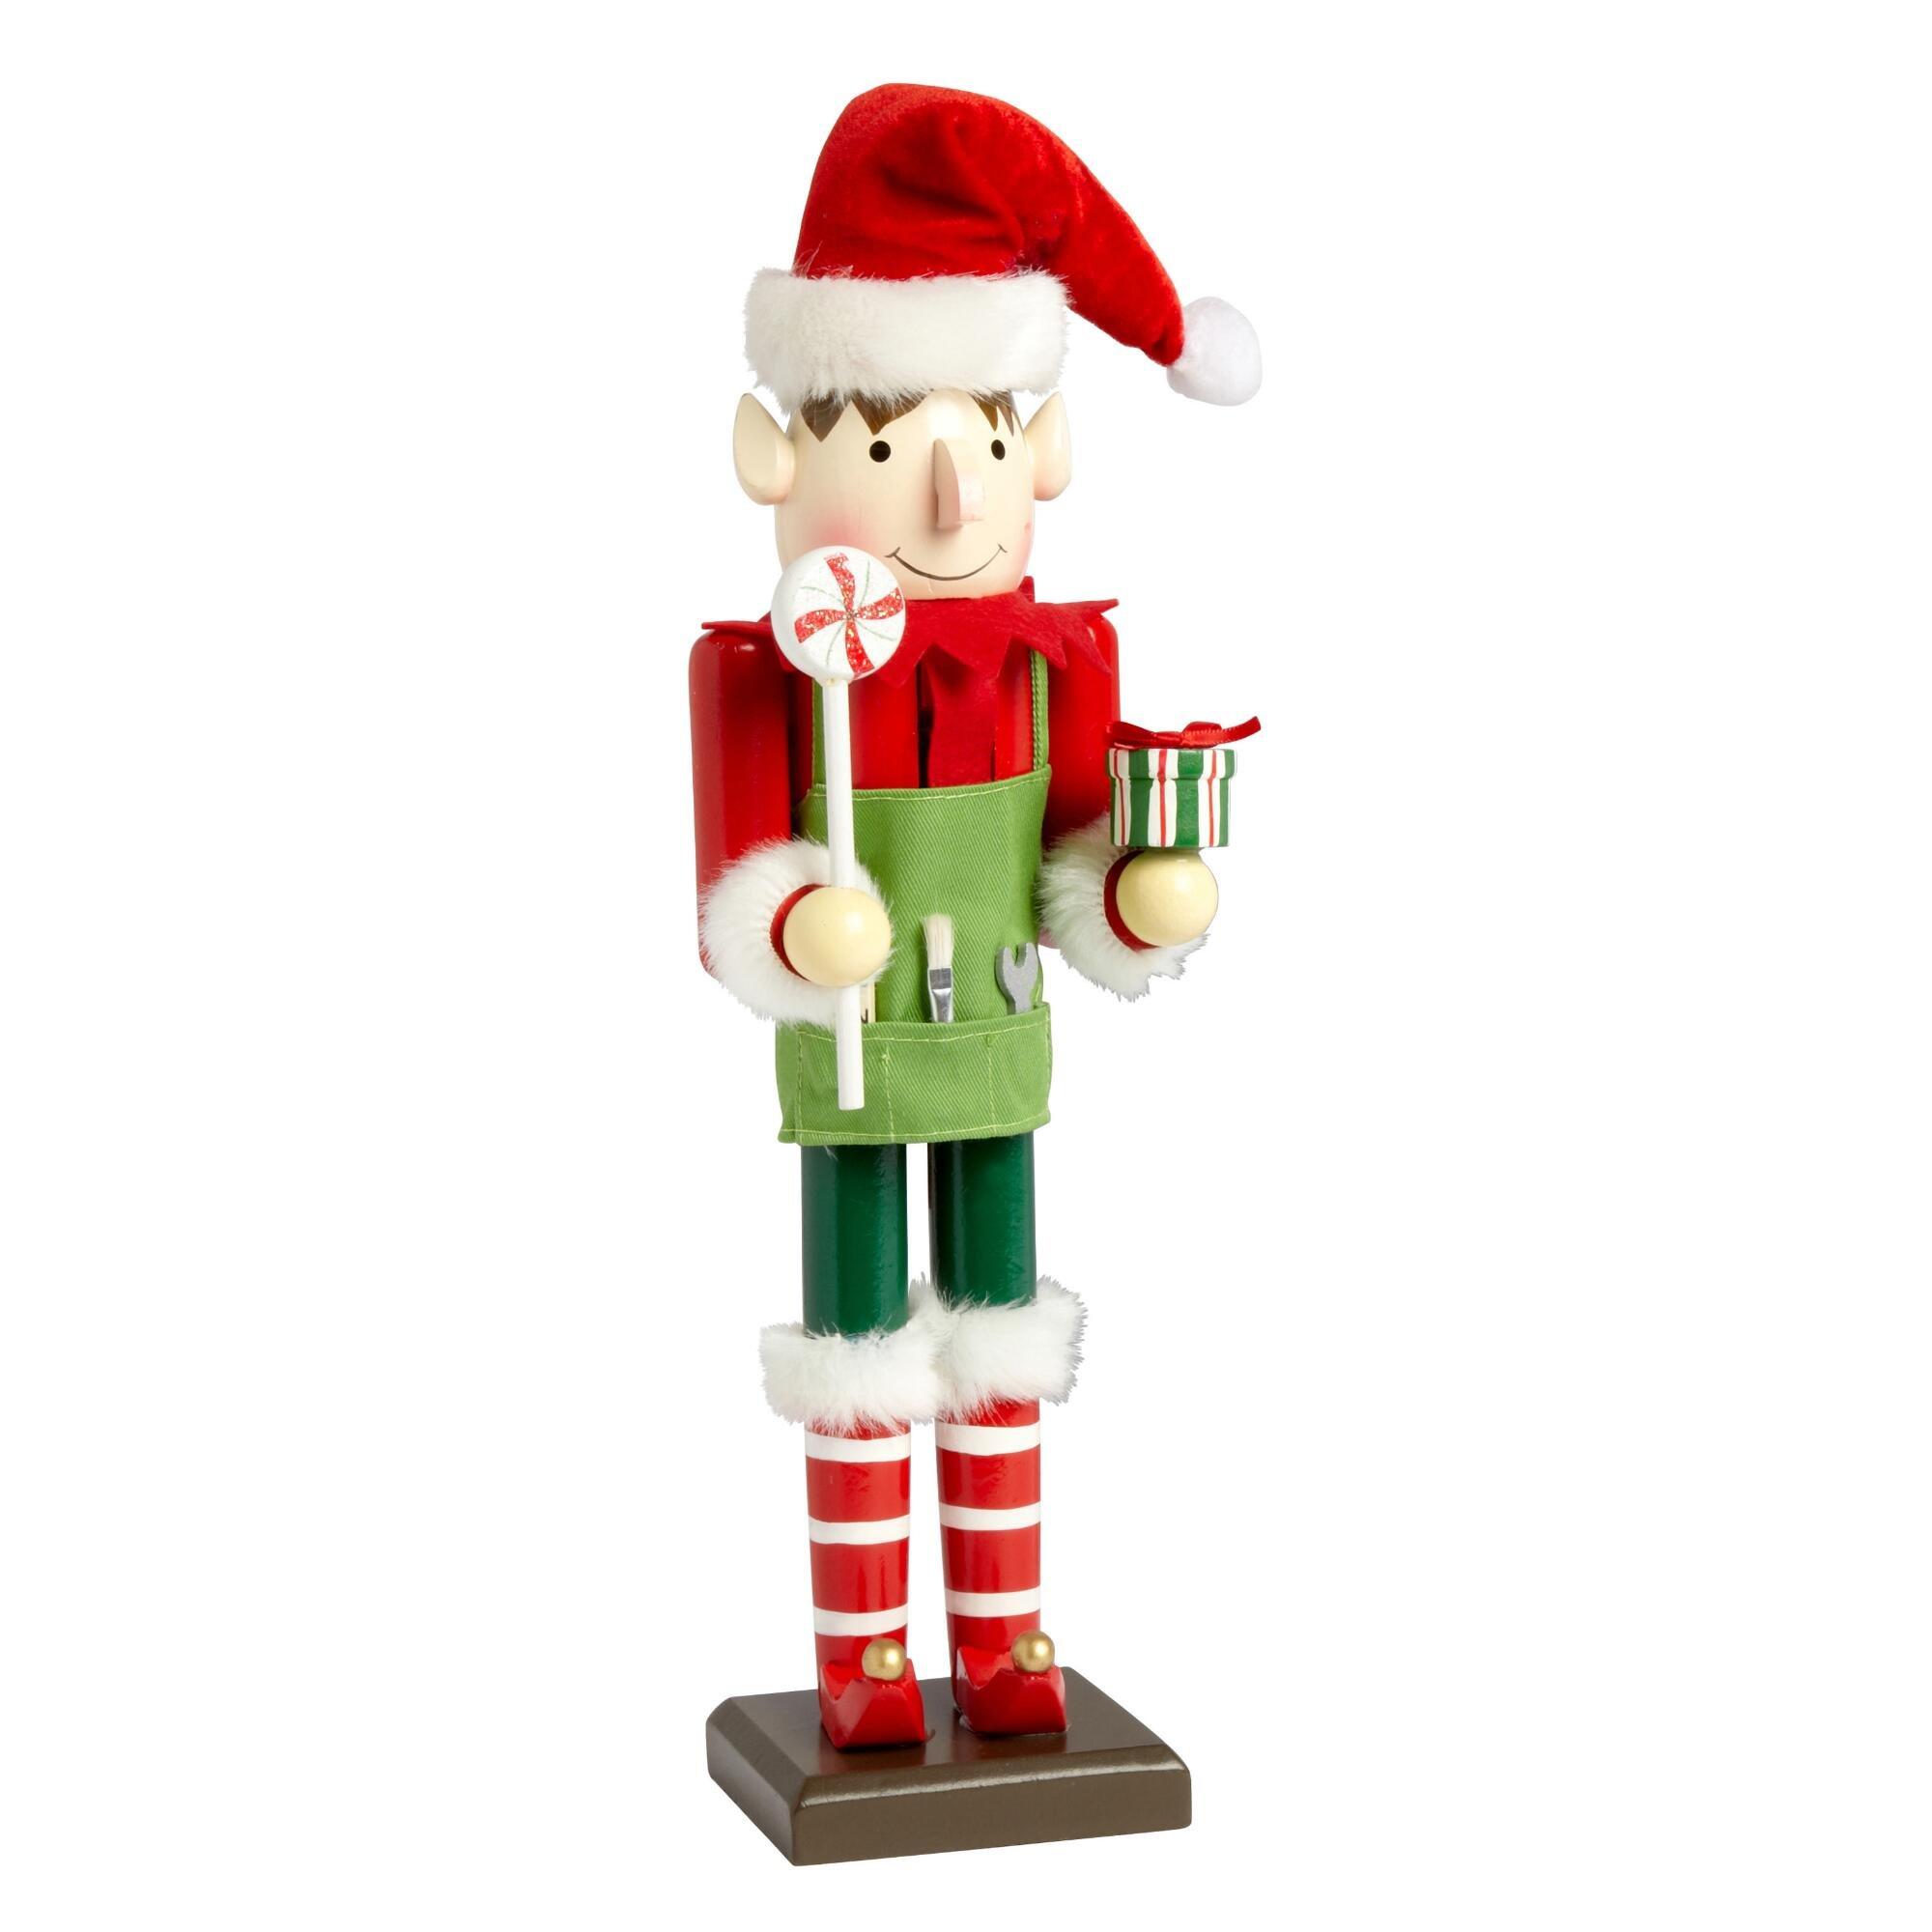 Nantucket Home Wooden Christmas Nutcracker Decor, 15-Inch (Boy Handyman Elf)